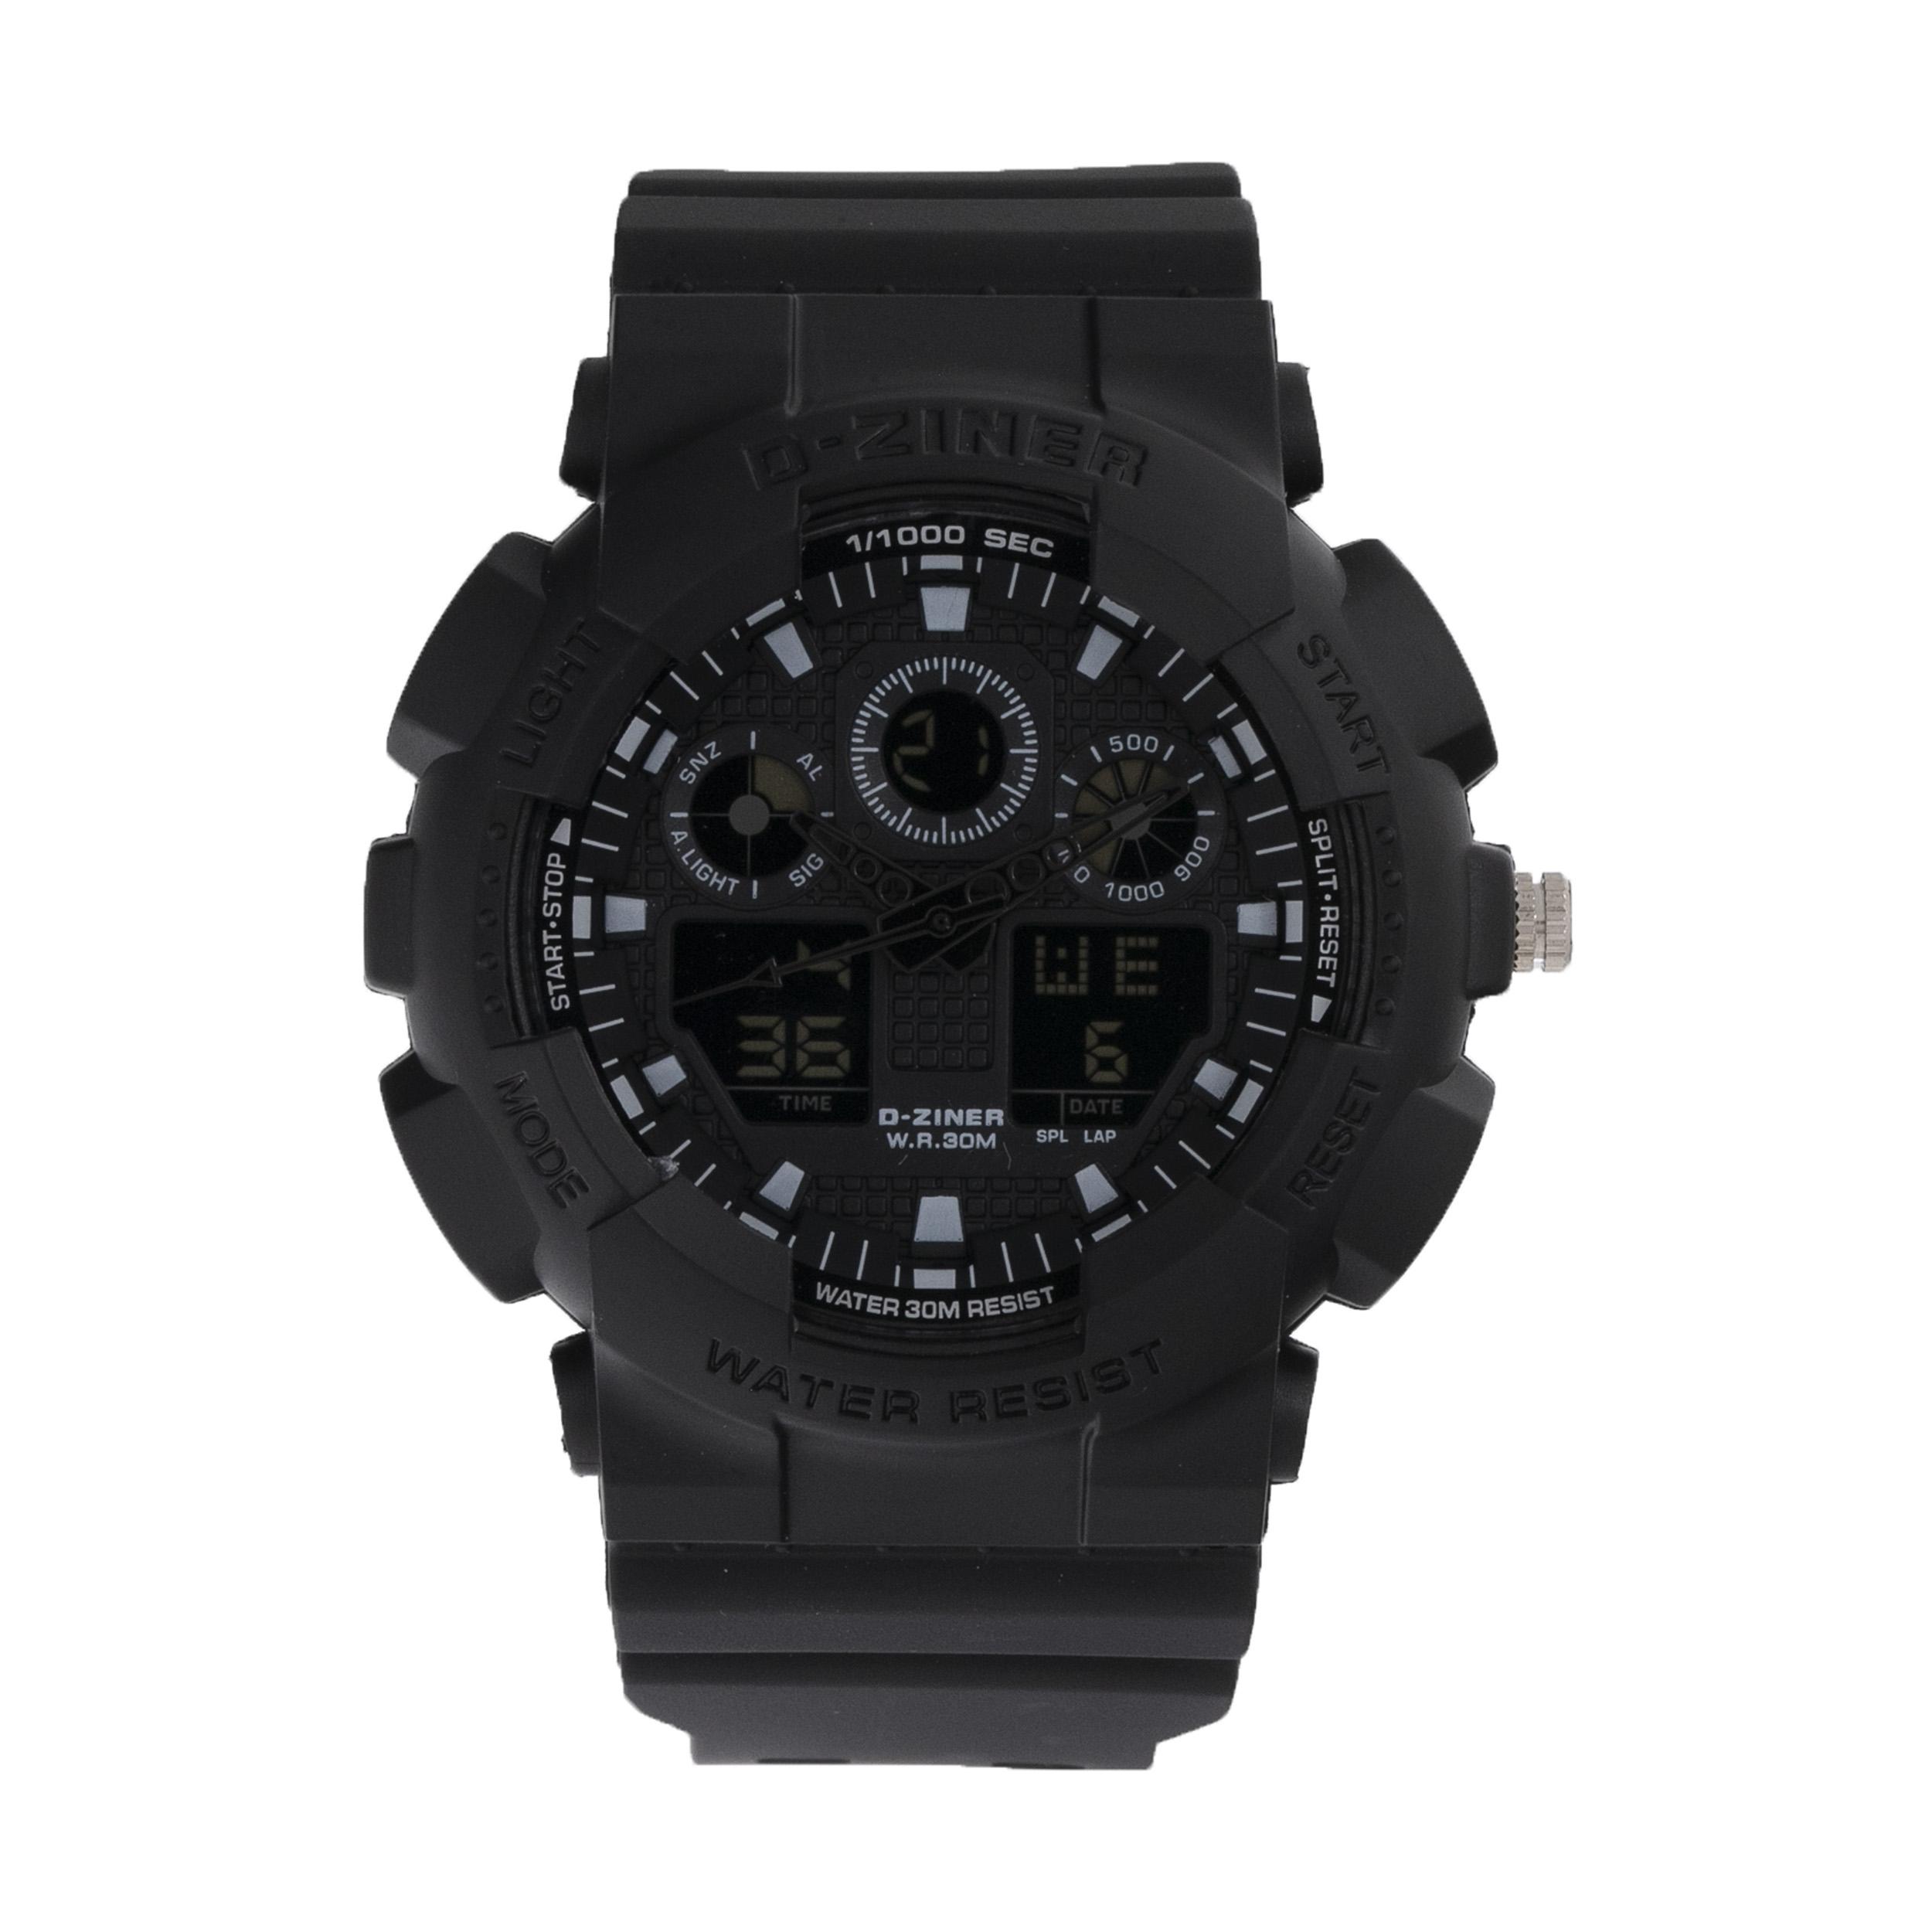 ساعت مچی عقربه ای مردانه دیزاینر مدل D-Z7050 8